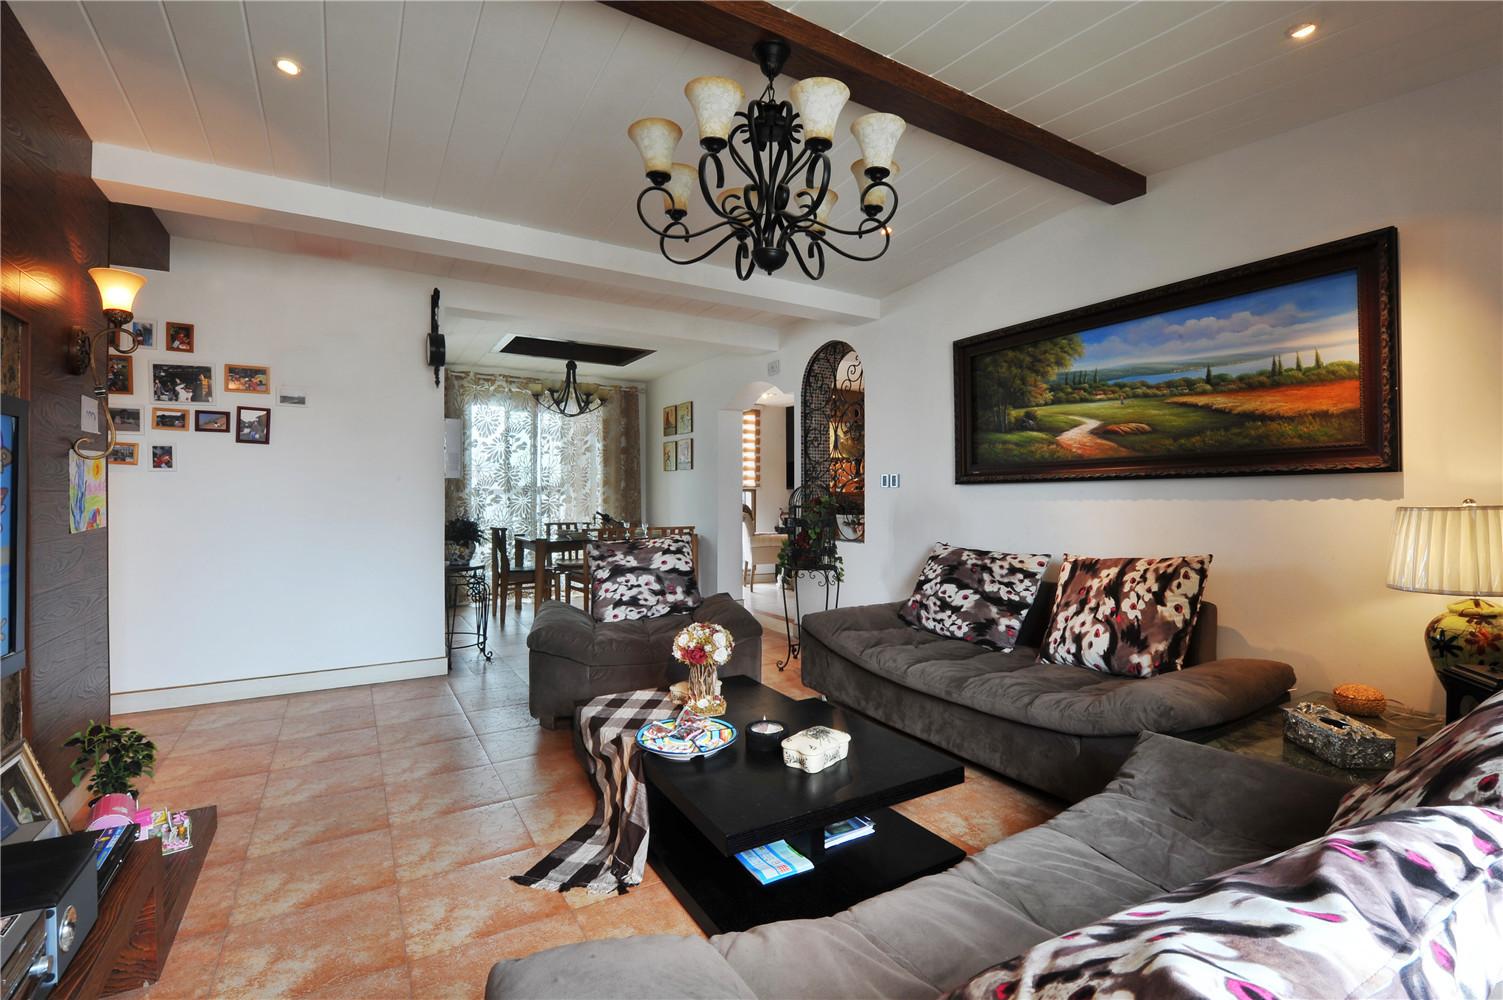 美式混搭装修沙发背景墙图片